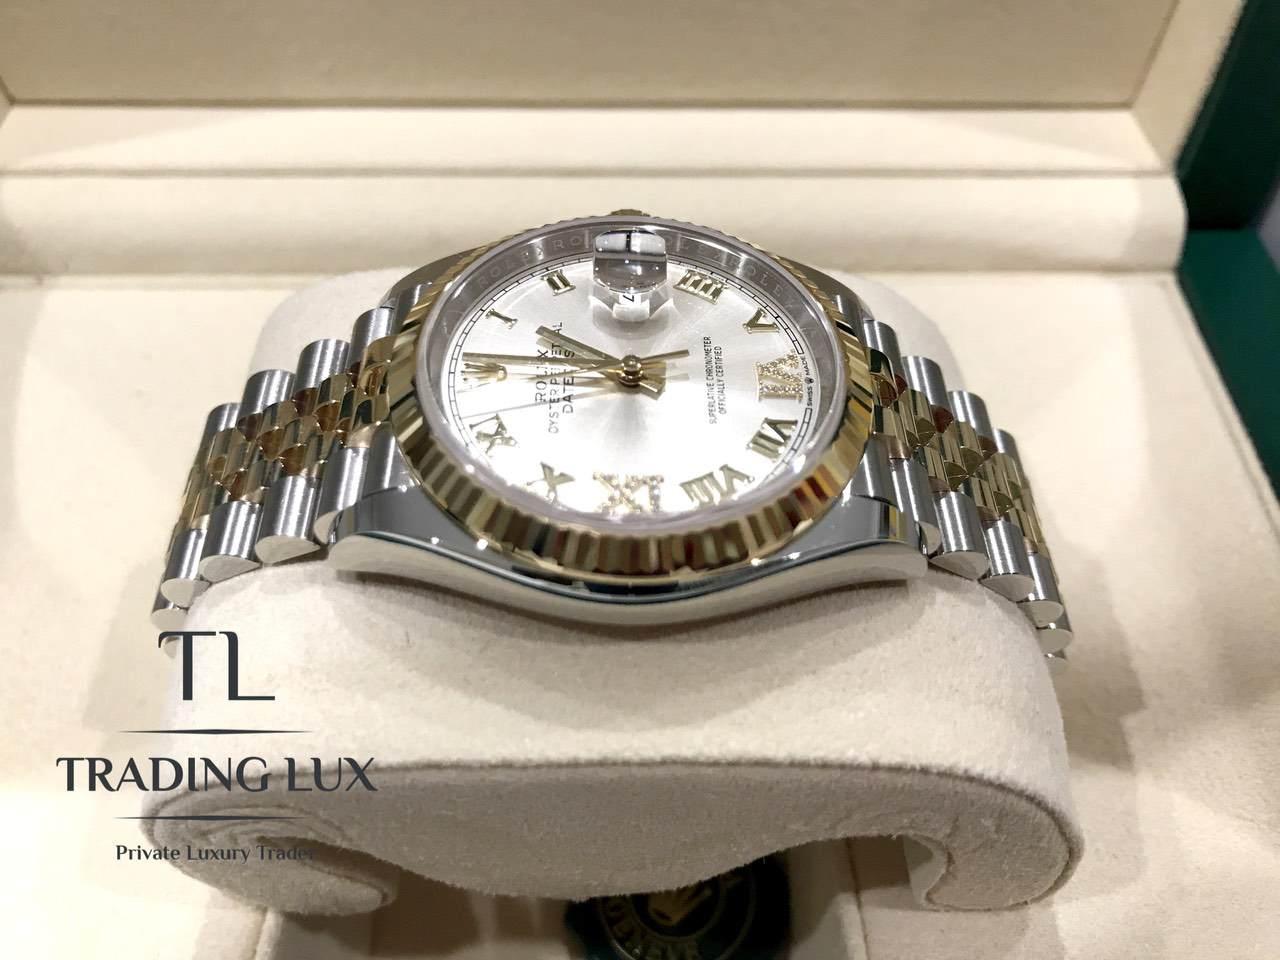 Rolex-Datejust-Silver-Roman-Numeral-126233-4